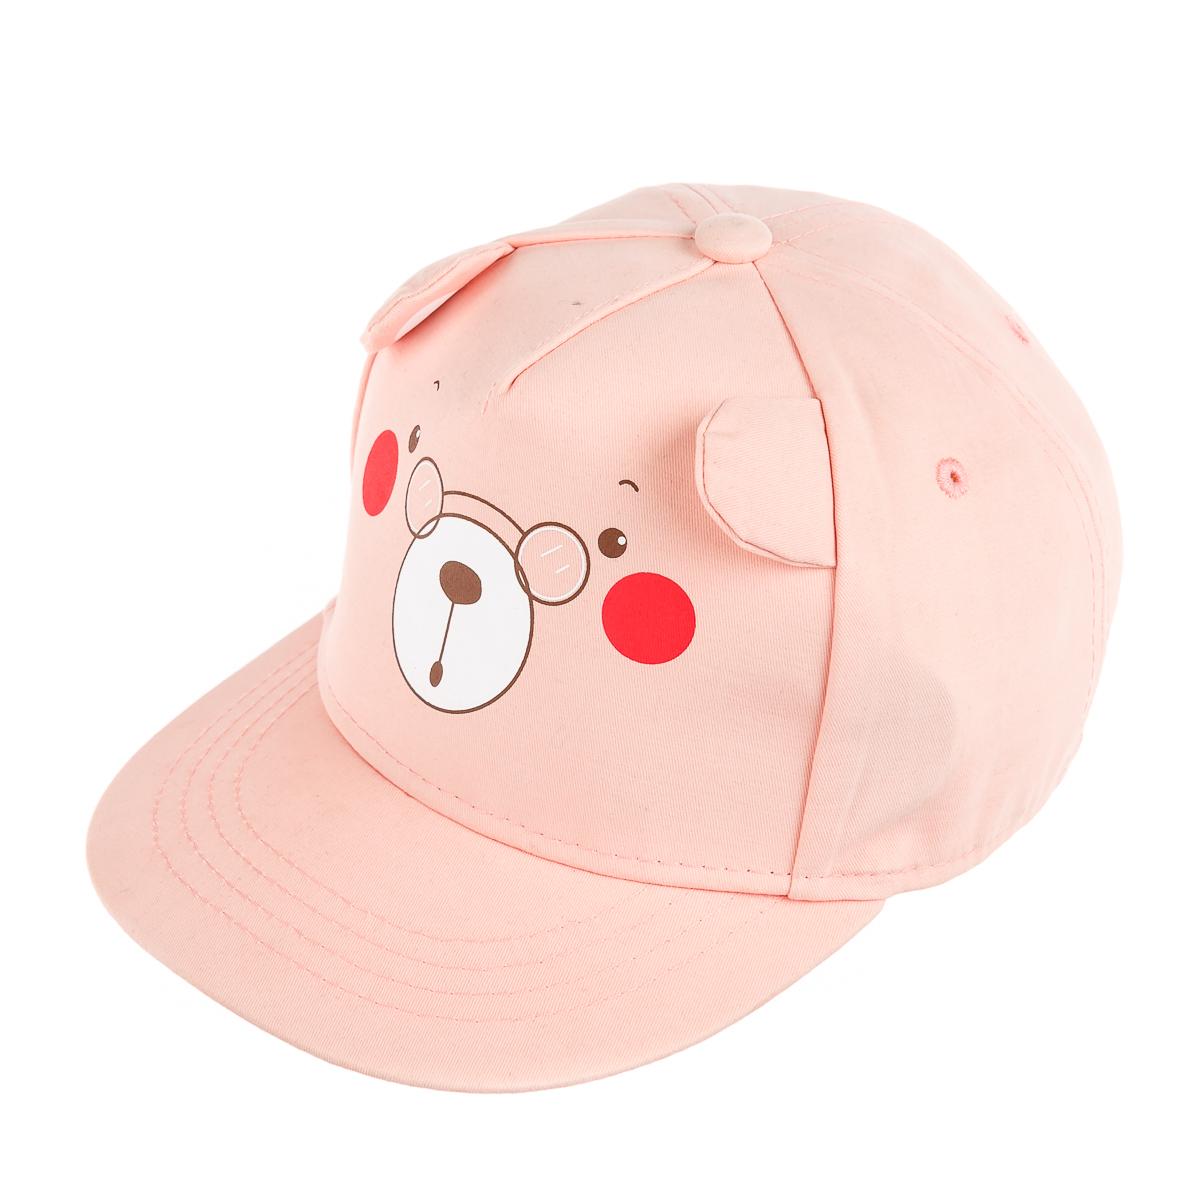 Детская кепка для прогулки, с ушками, мишка, розовая